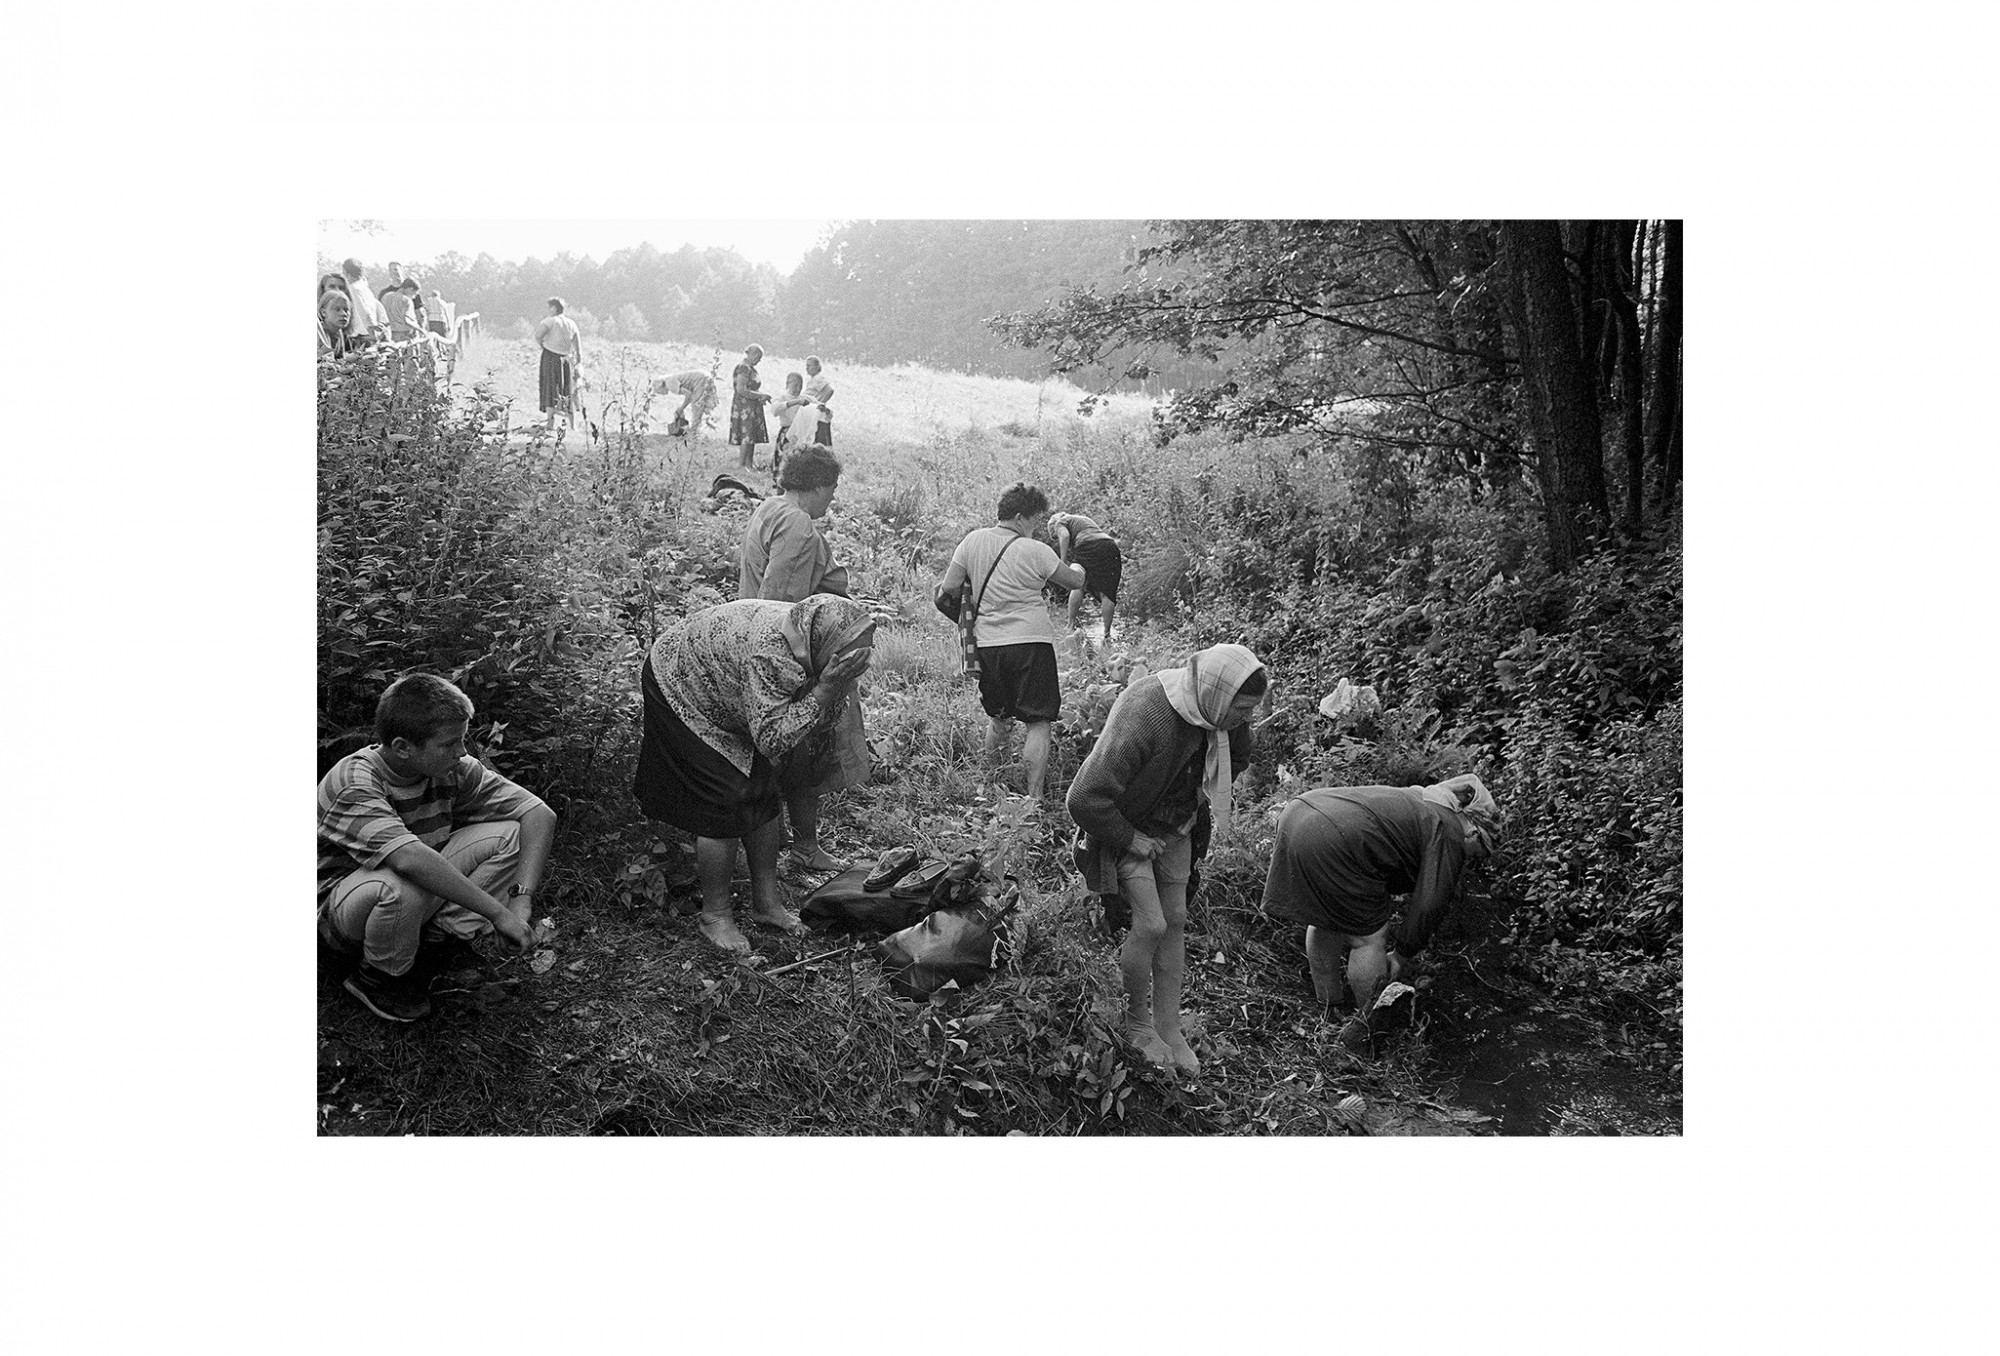 Afbeelding: Uit de reeks : Polen, een kast op glazen poten, 95-29-31, Grabarka, © Dominique Van Huffel.